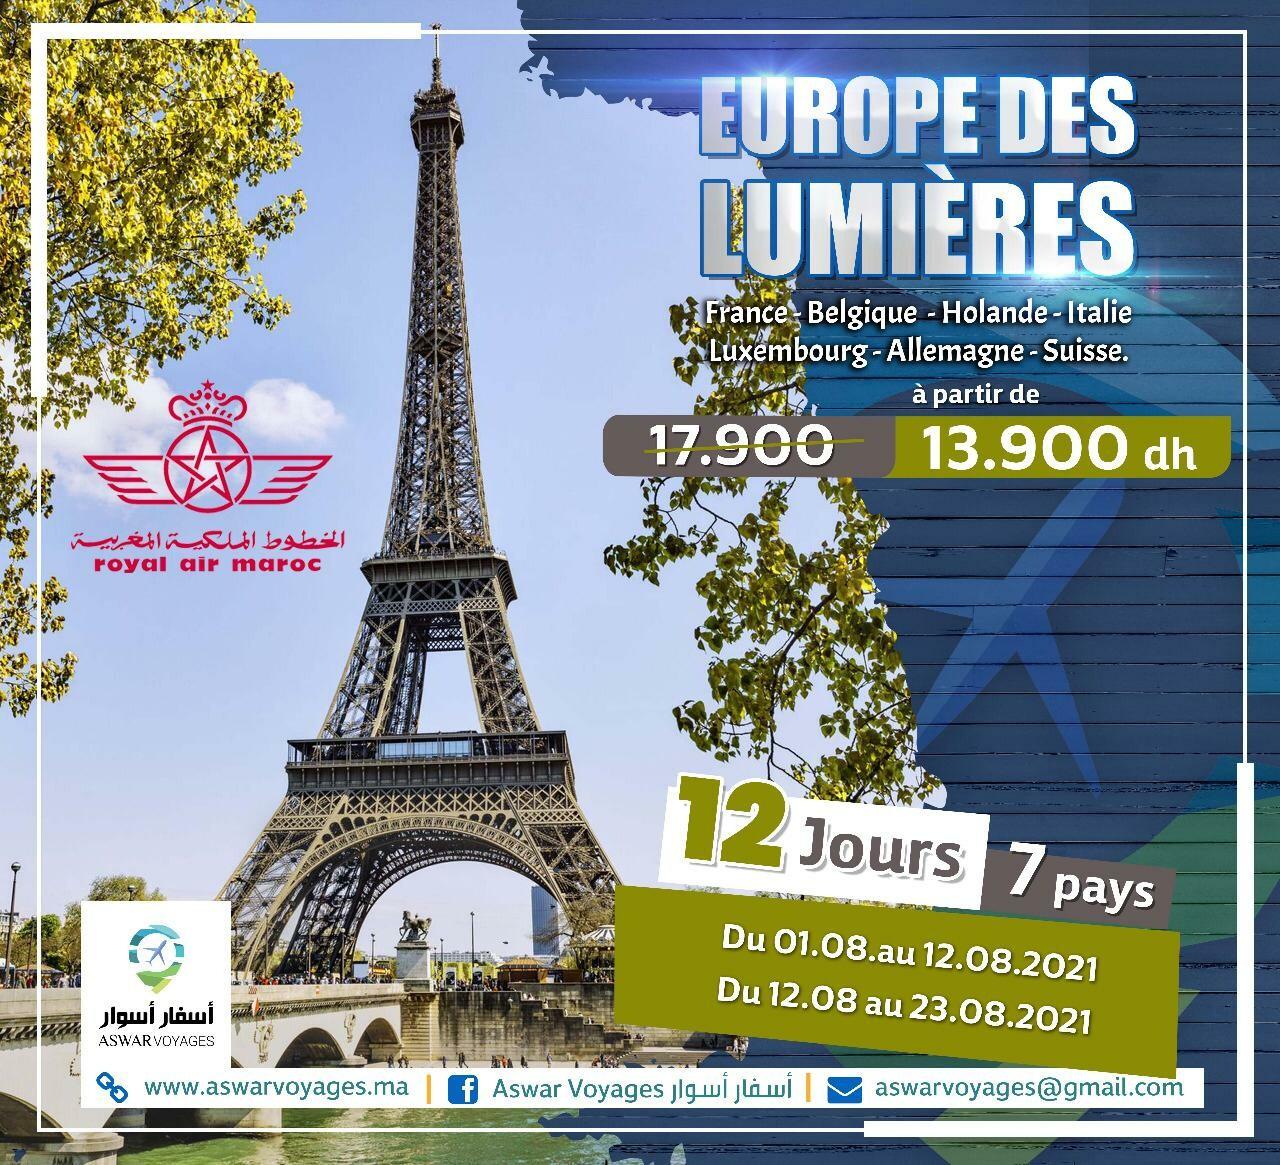 Europe des lumières 12 j